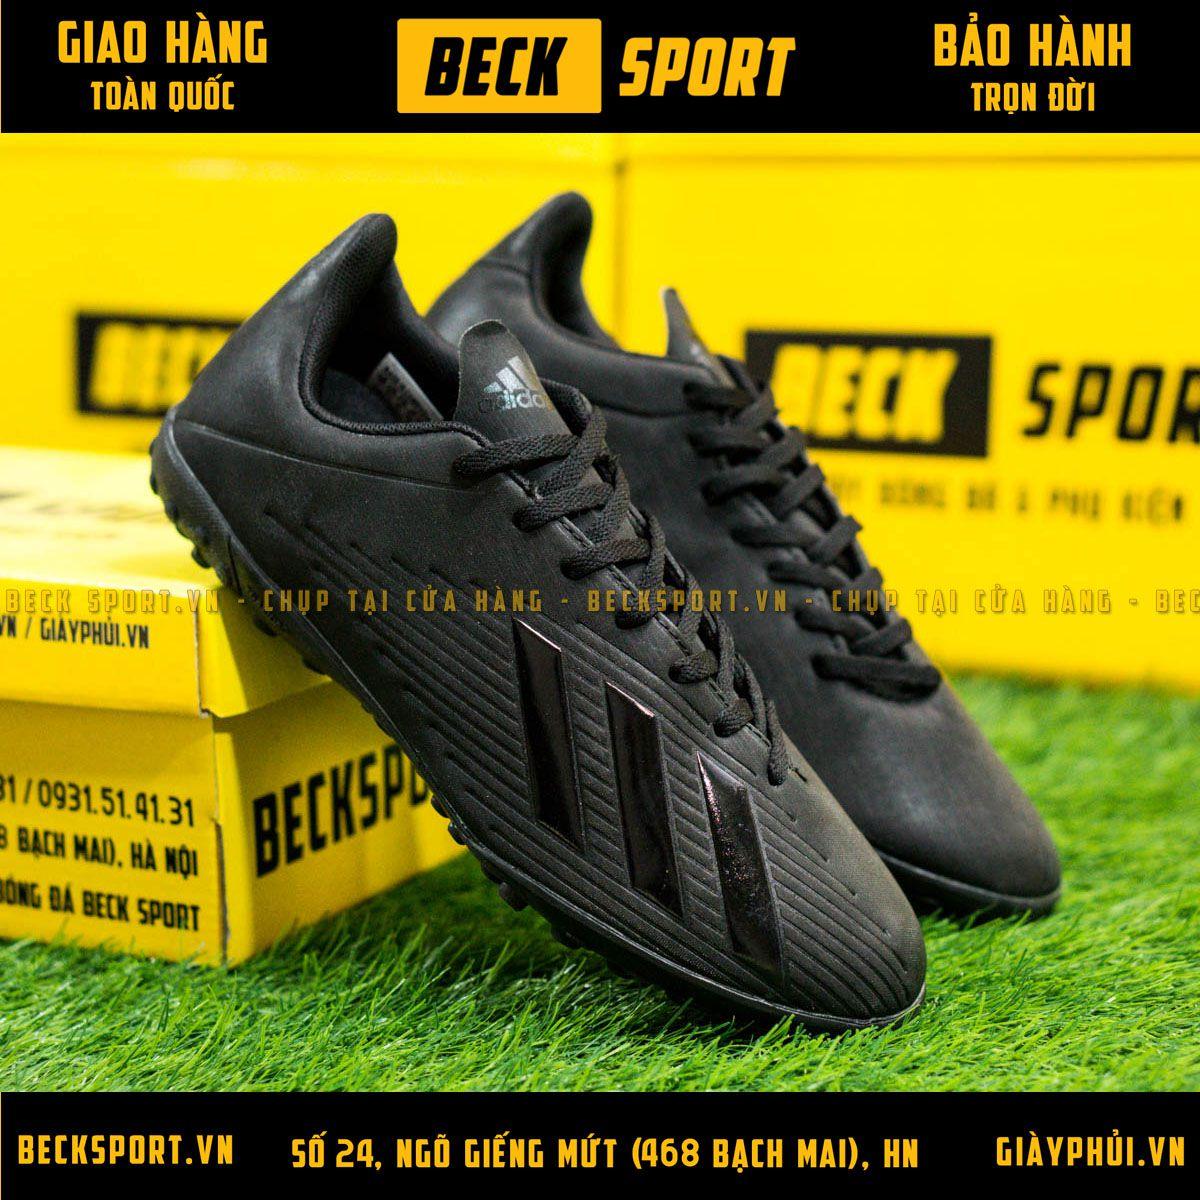 Giày Bóng Đá Adidas X 19.4 Đen Tuyền TF